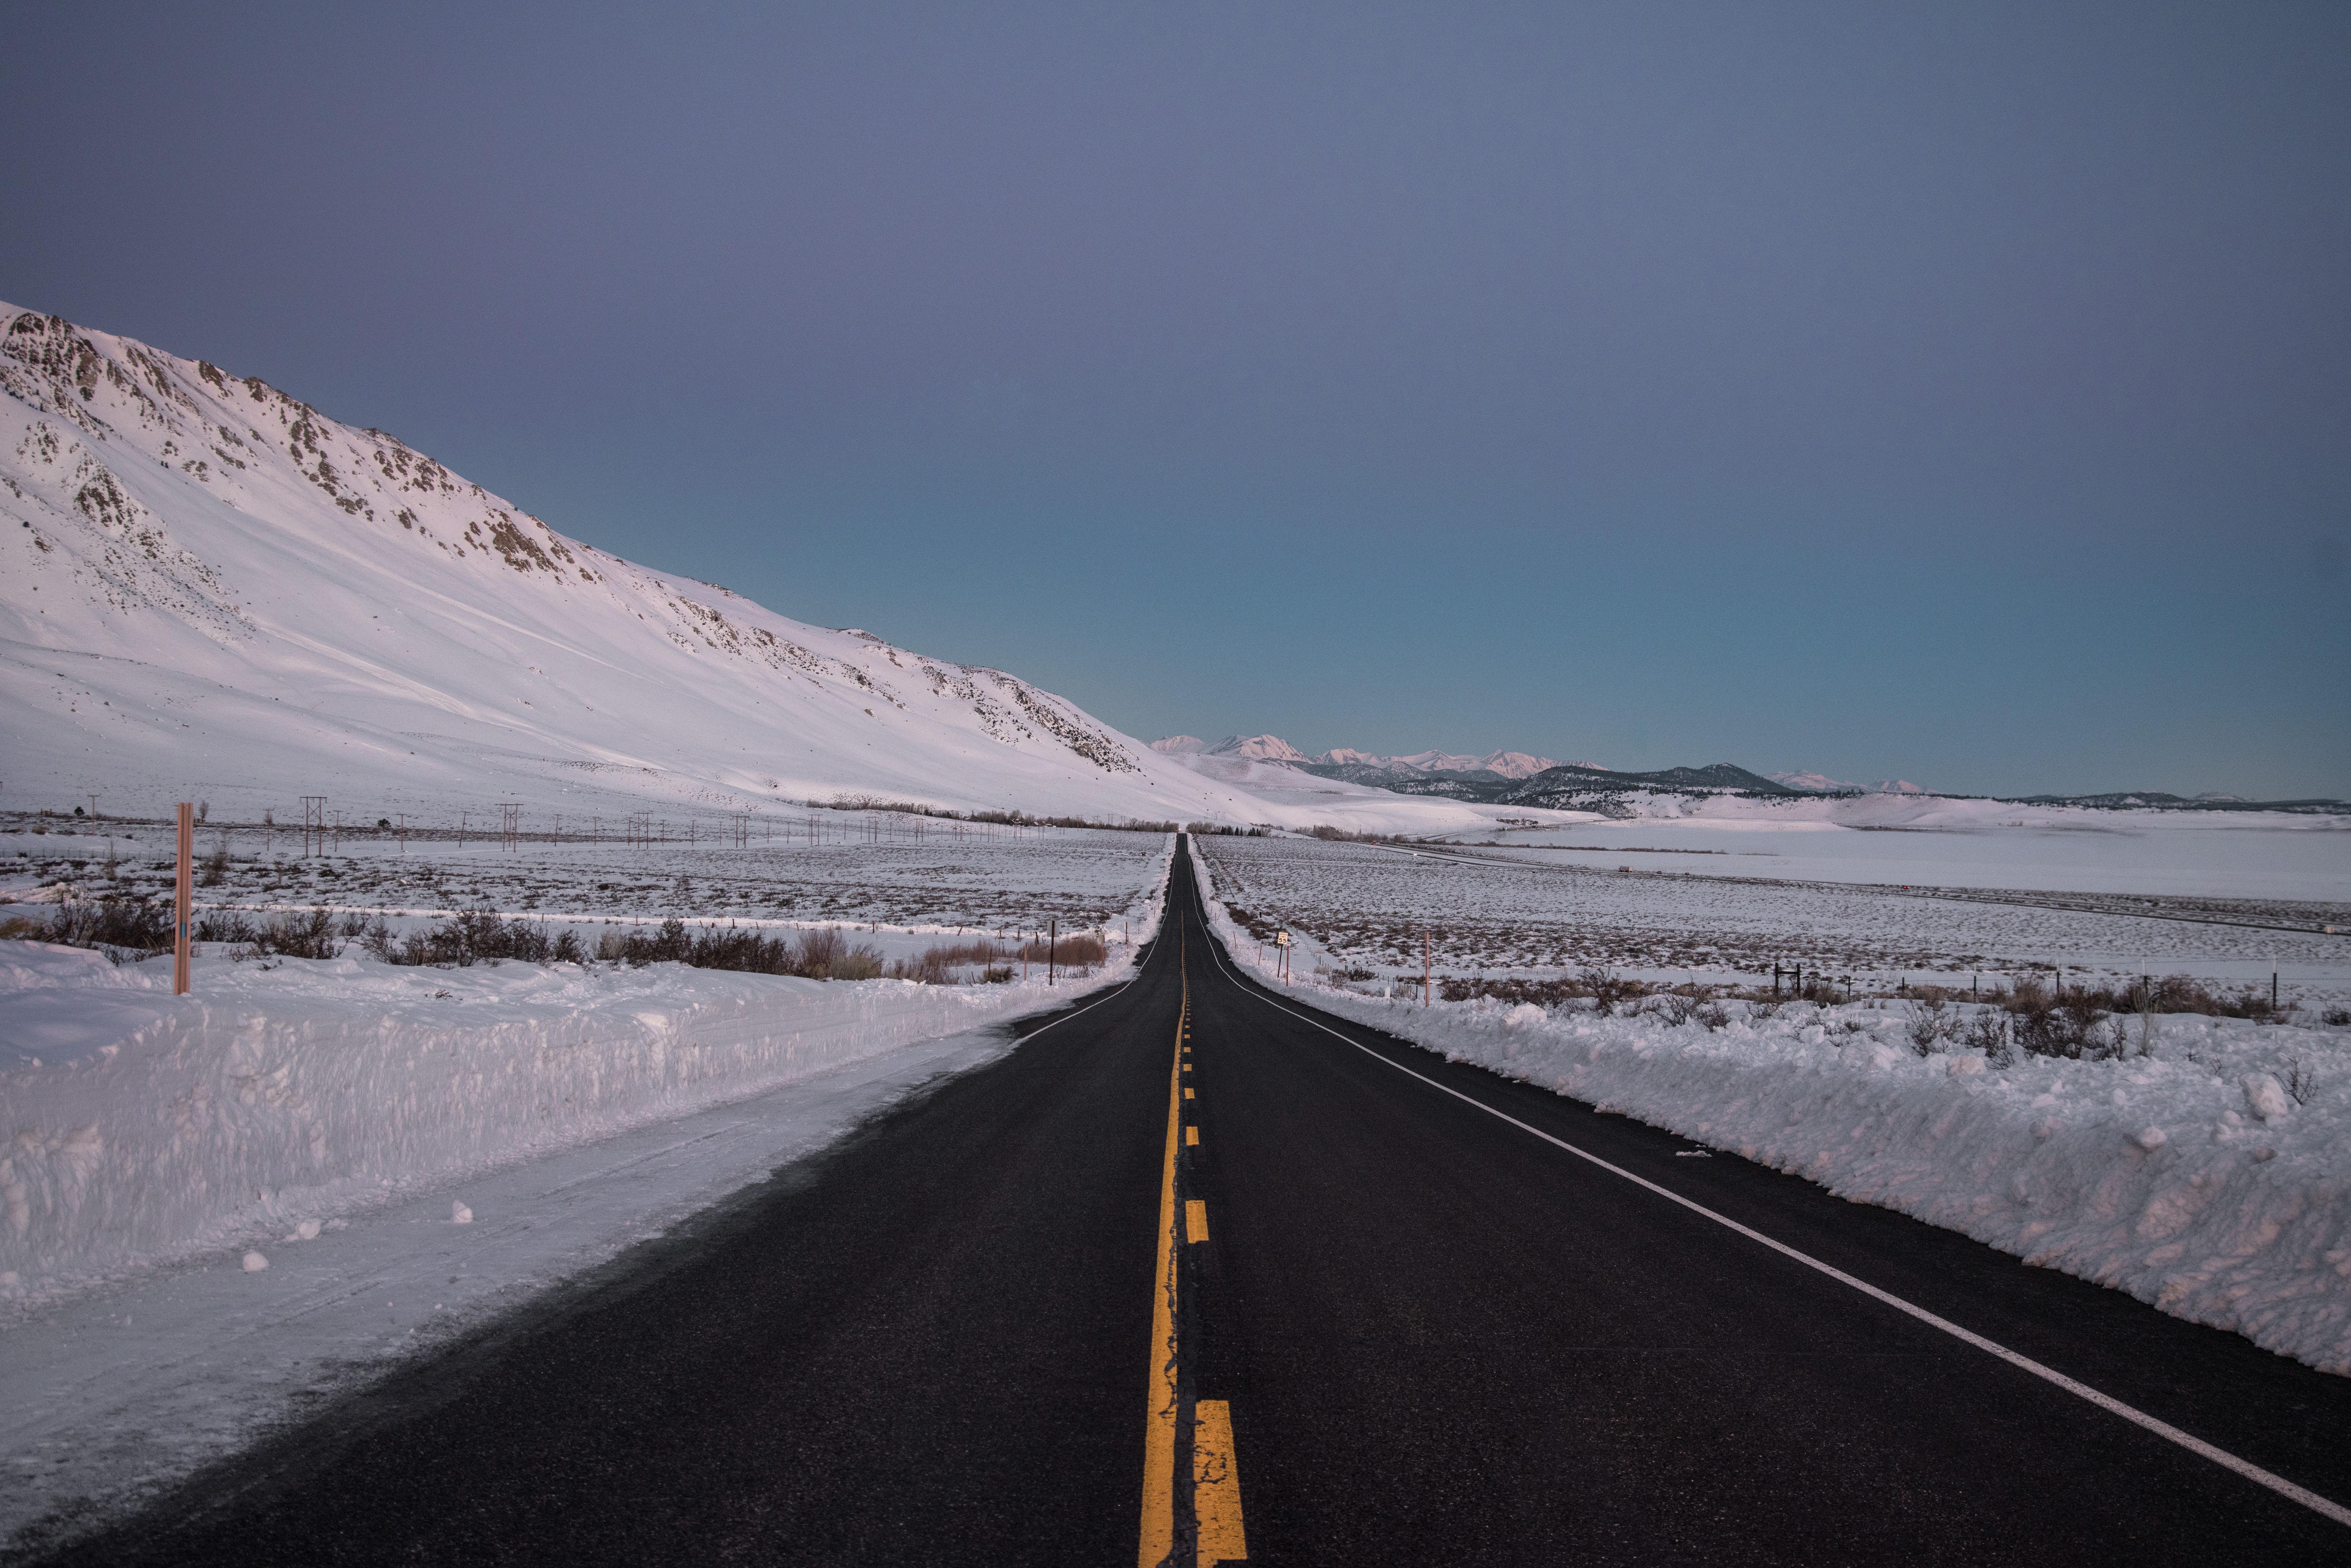 51320 скачать обои Асфальт, Зима, Природа, Снег, Горизонт, Дорога, Направление - заставки и картинки бесплатно